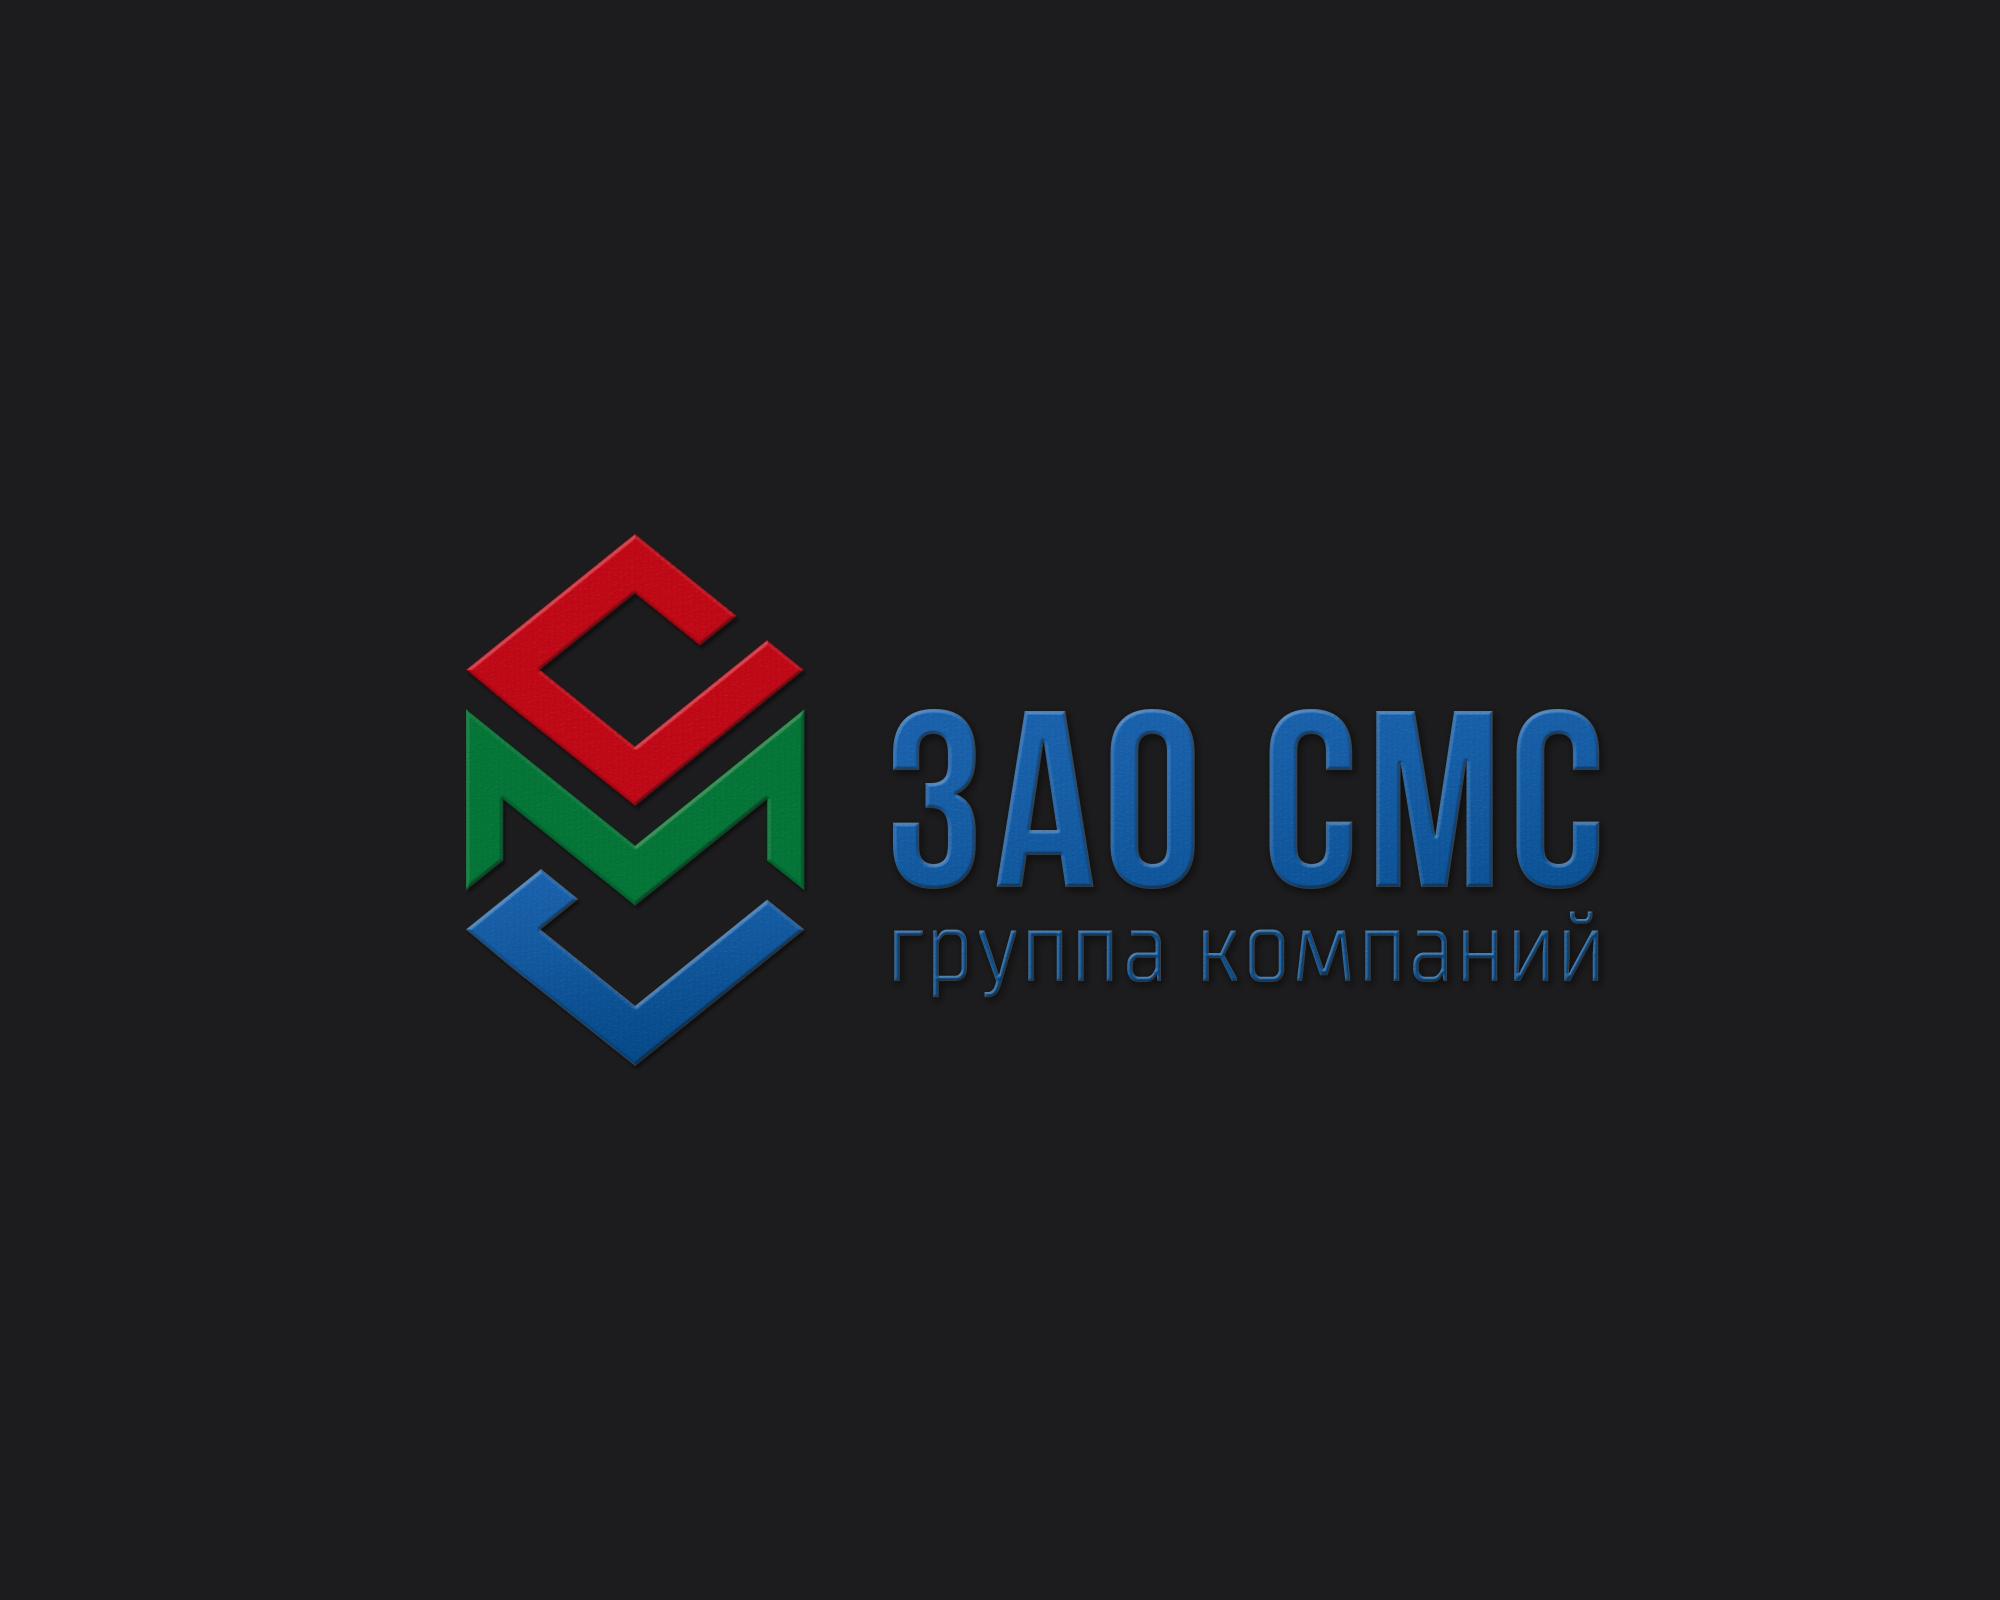 Дизайнер для разработки Логотипа для организации !СРОЧНО! фото f_6555a2ab901620d0.jpg